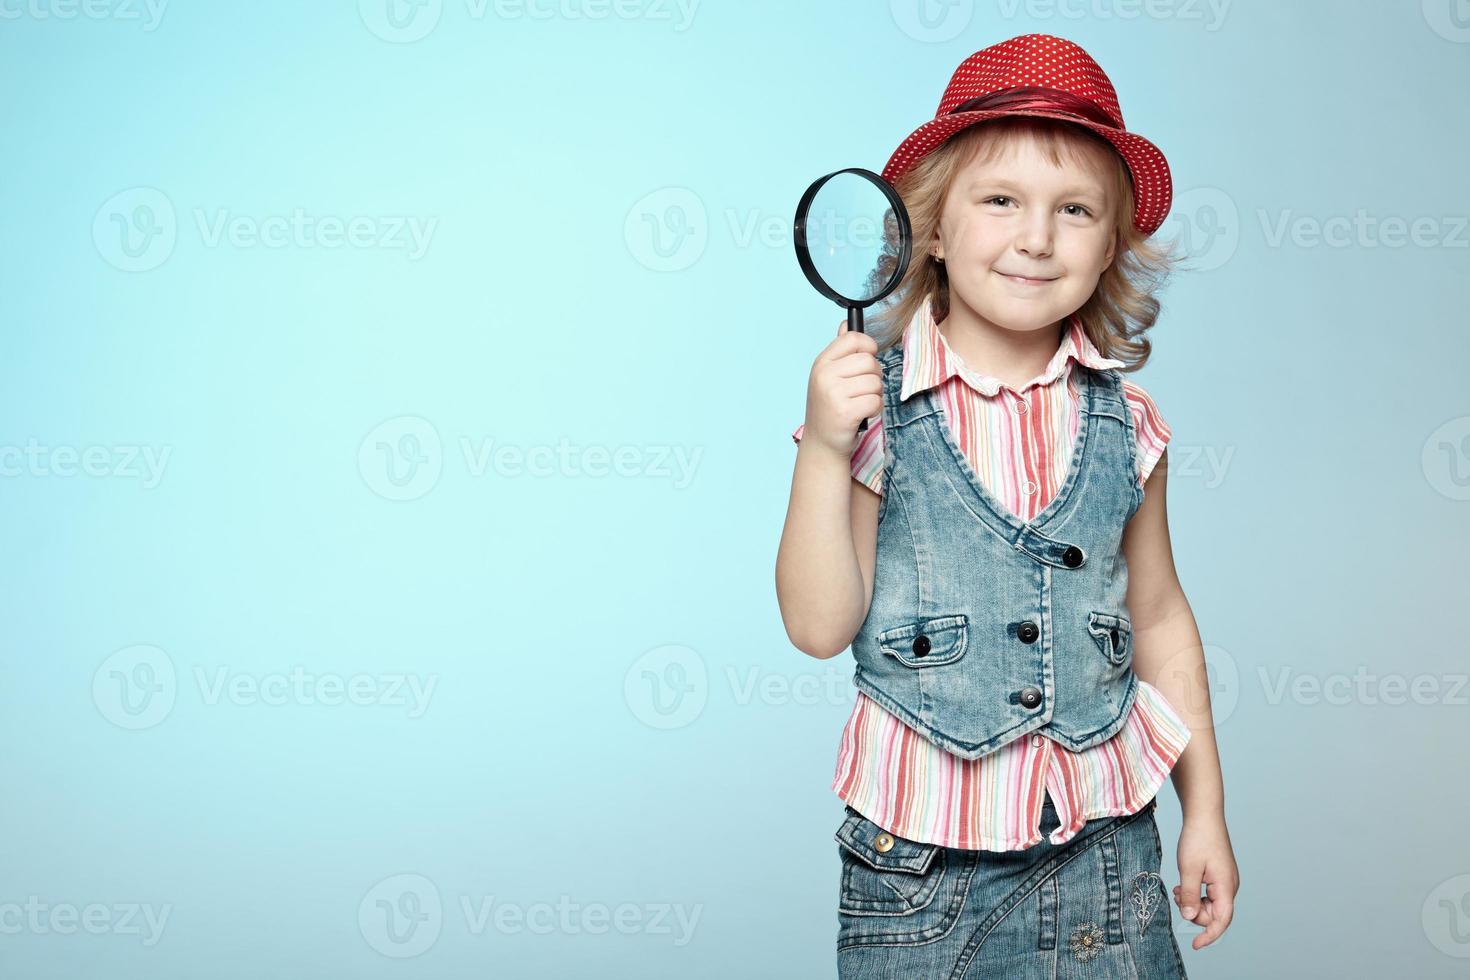 piccolo detective foto